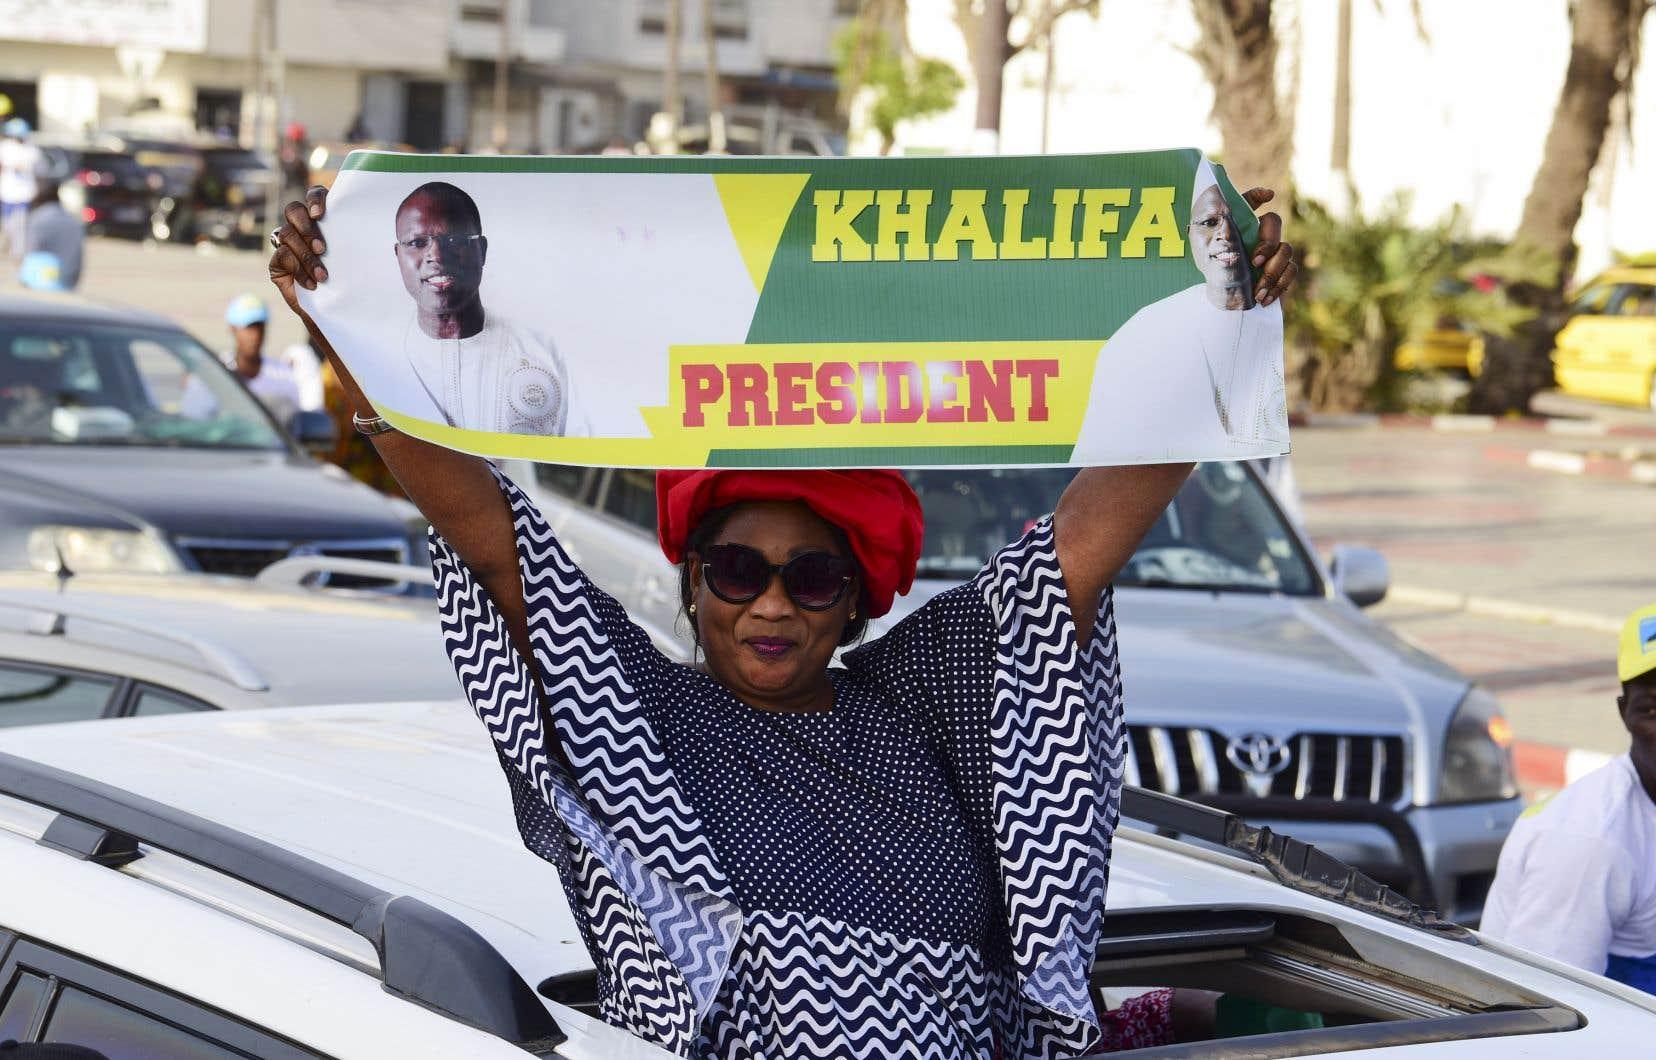 Prétendant au fauteuil présidentiel, le maire de Dakar, Khalifa Sall, a déjà été écarté et condamné par une justice inféodée au pouvoir, souligne l'auteur.